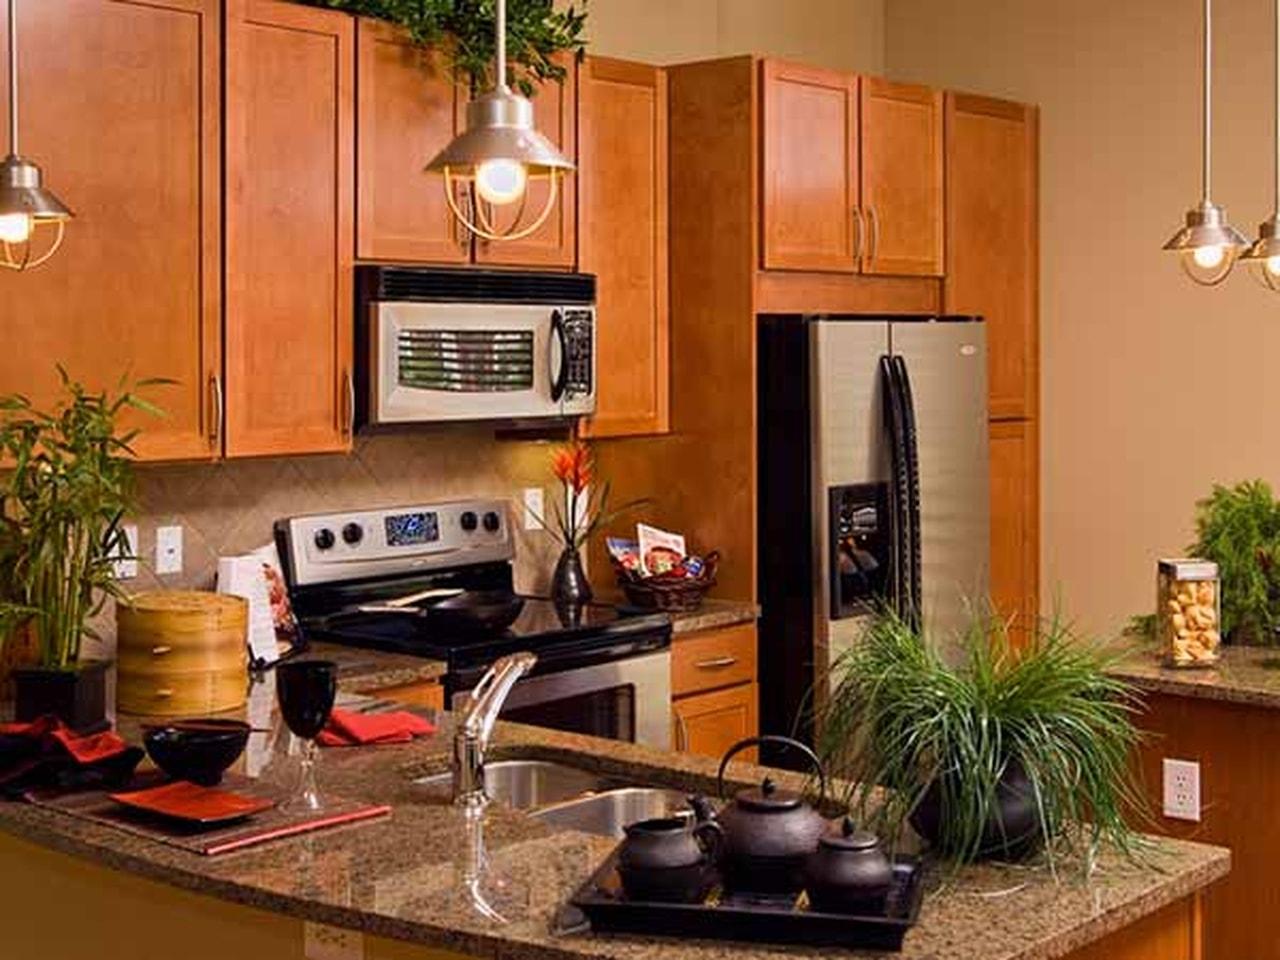 بالصور تزيين المطبخ , كيفية تزيين لمطبخ 1019 9